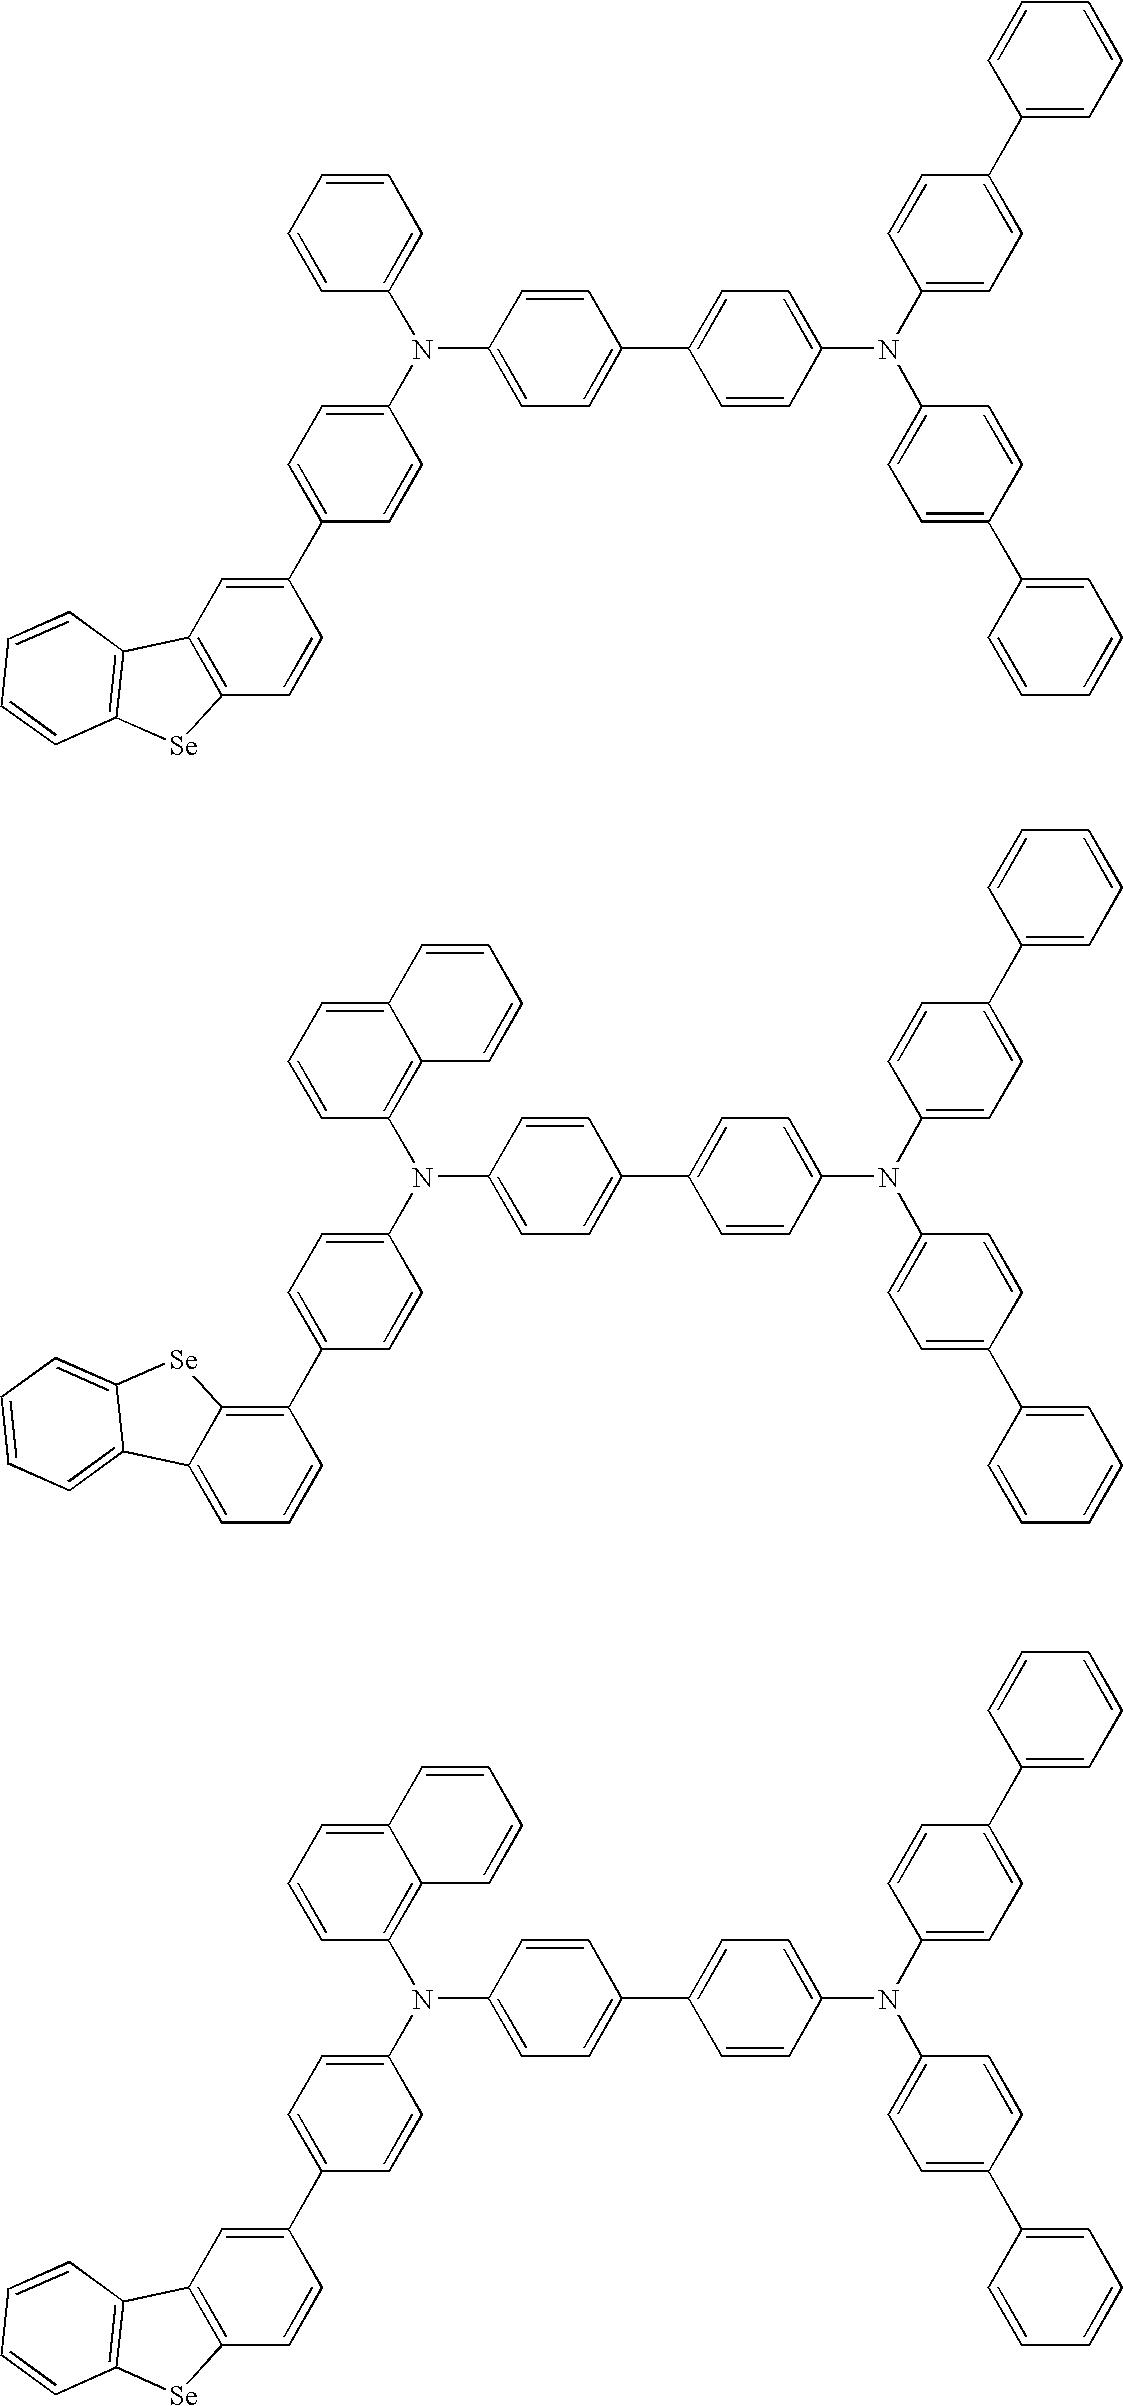 Figure US20100072887A1-20100325-C00244